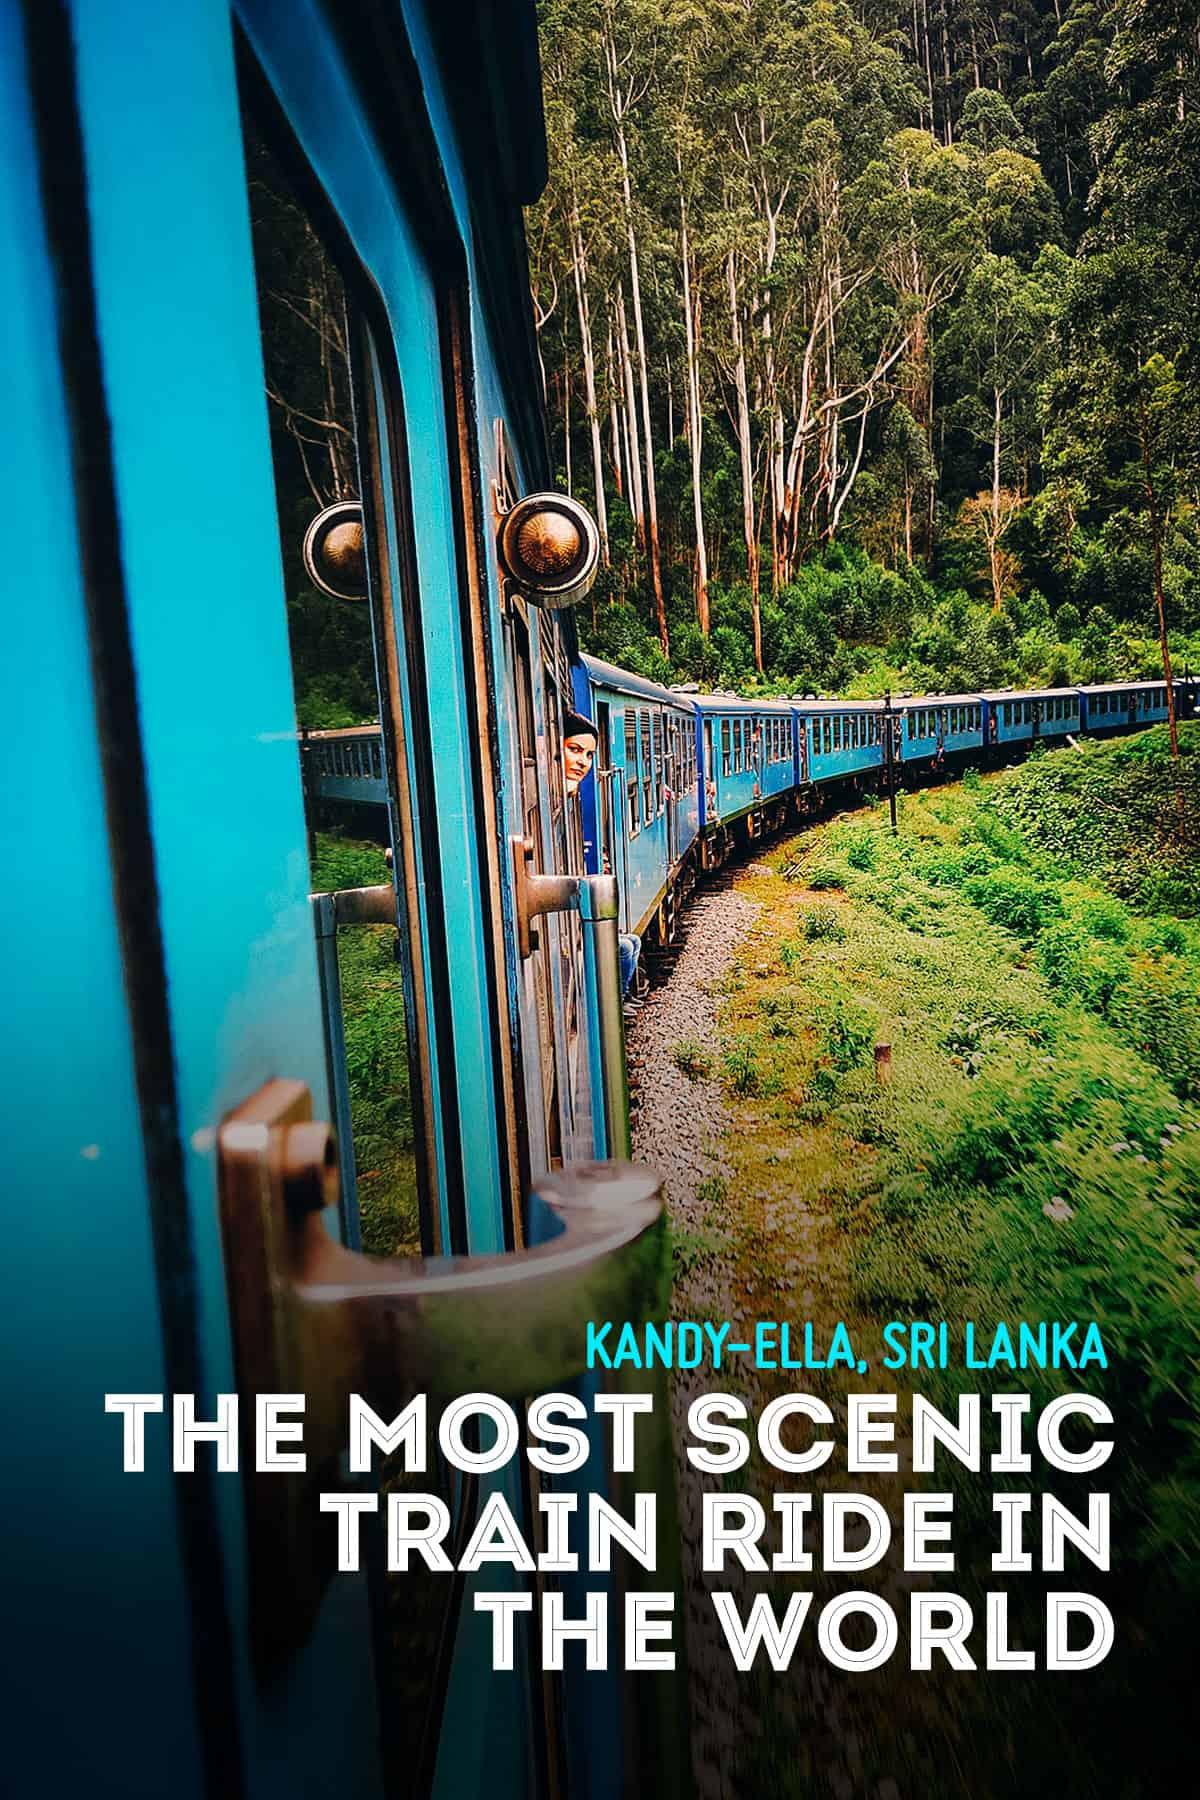 Kandy-Ella train ride